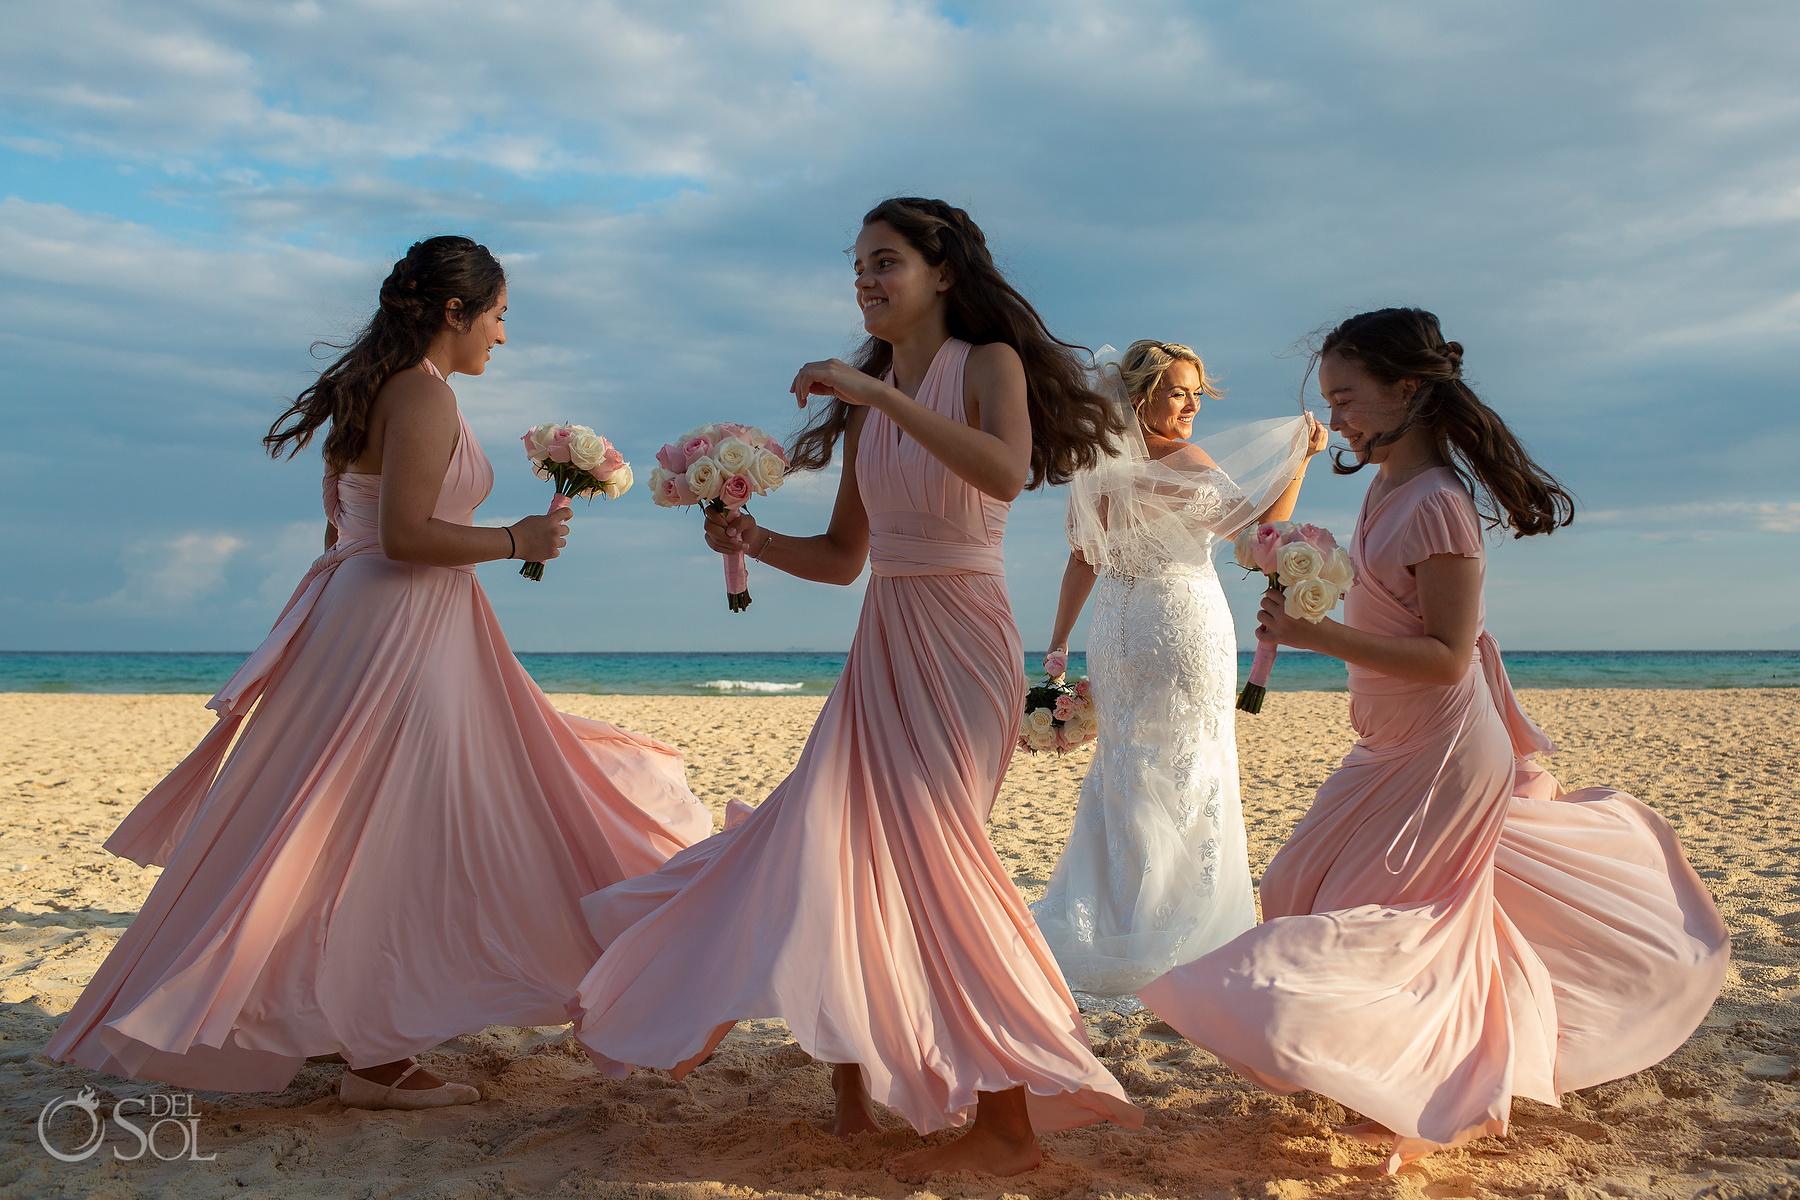 Beautiful Bridal Wedding Party Photos Riu Palace Photographer